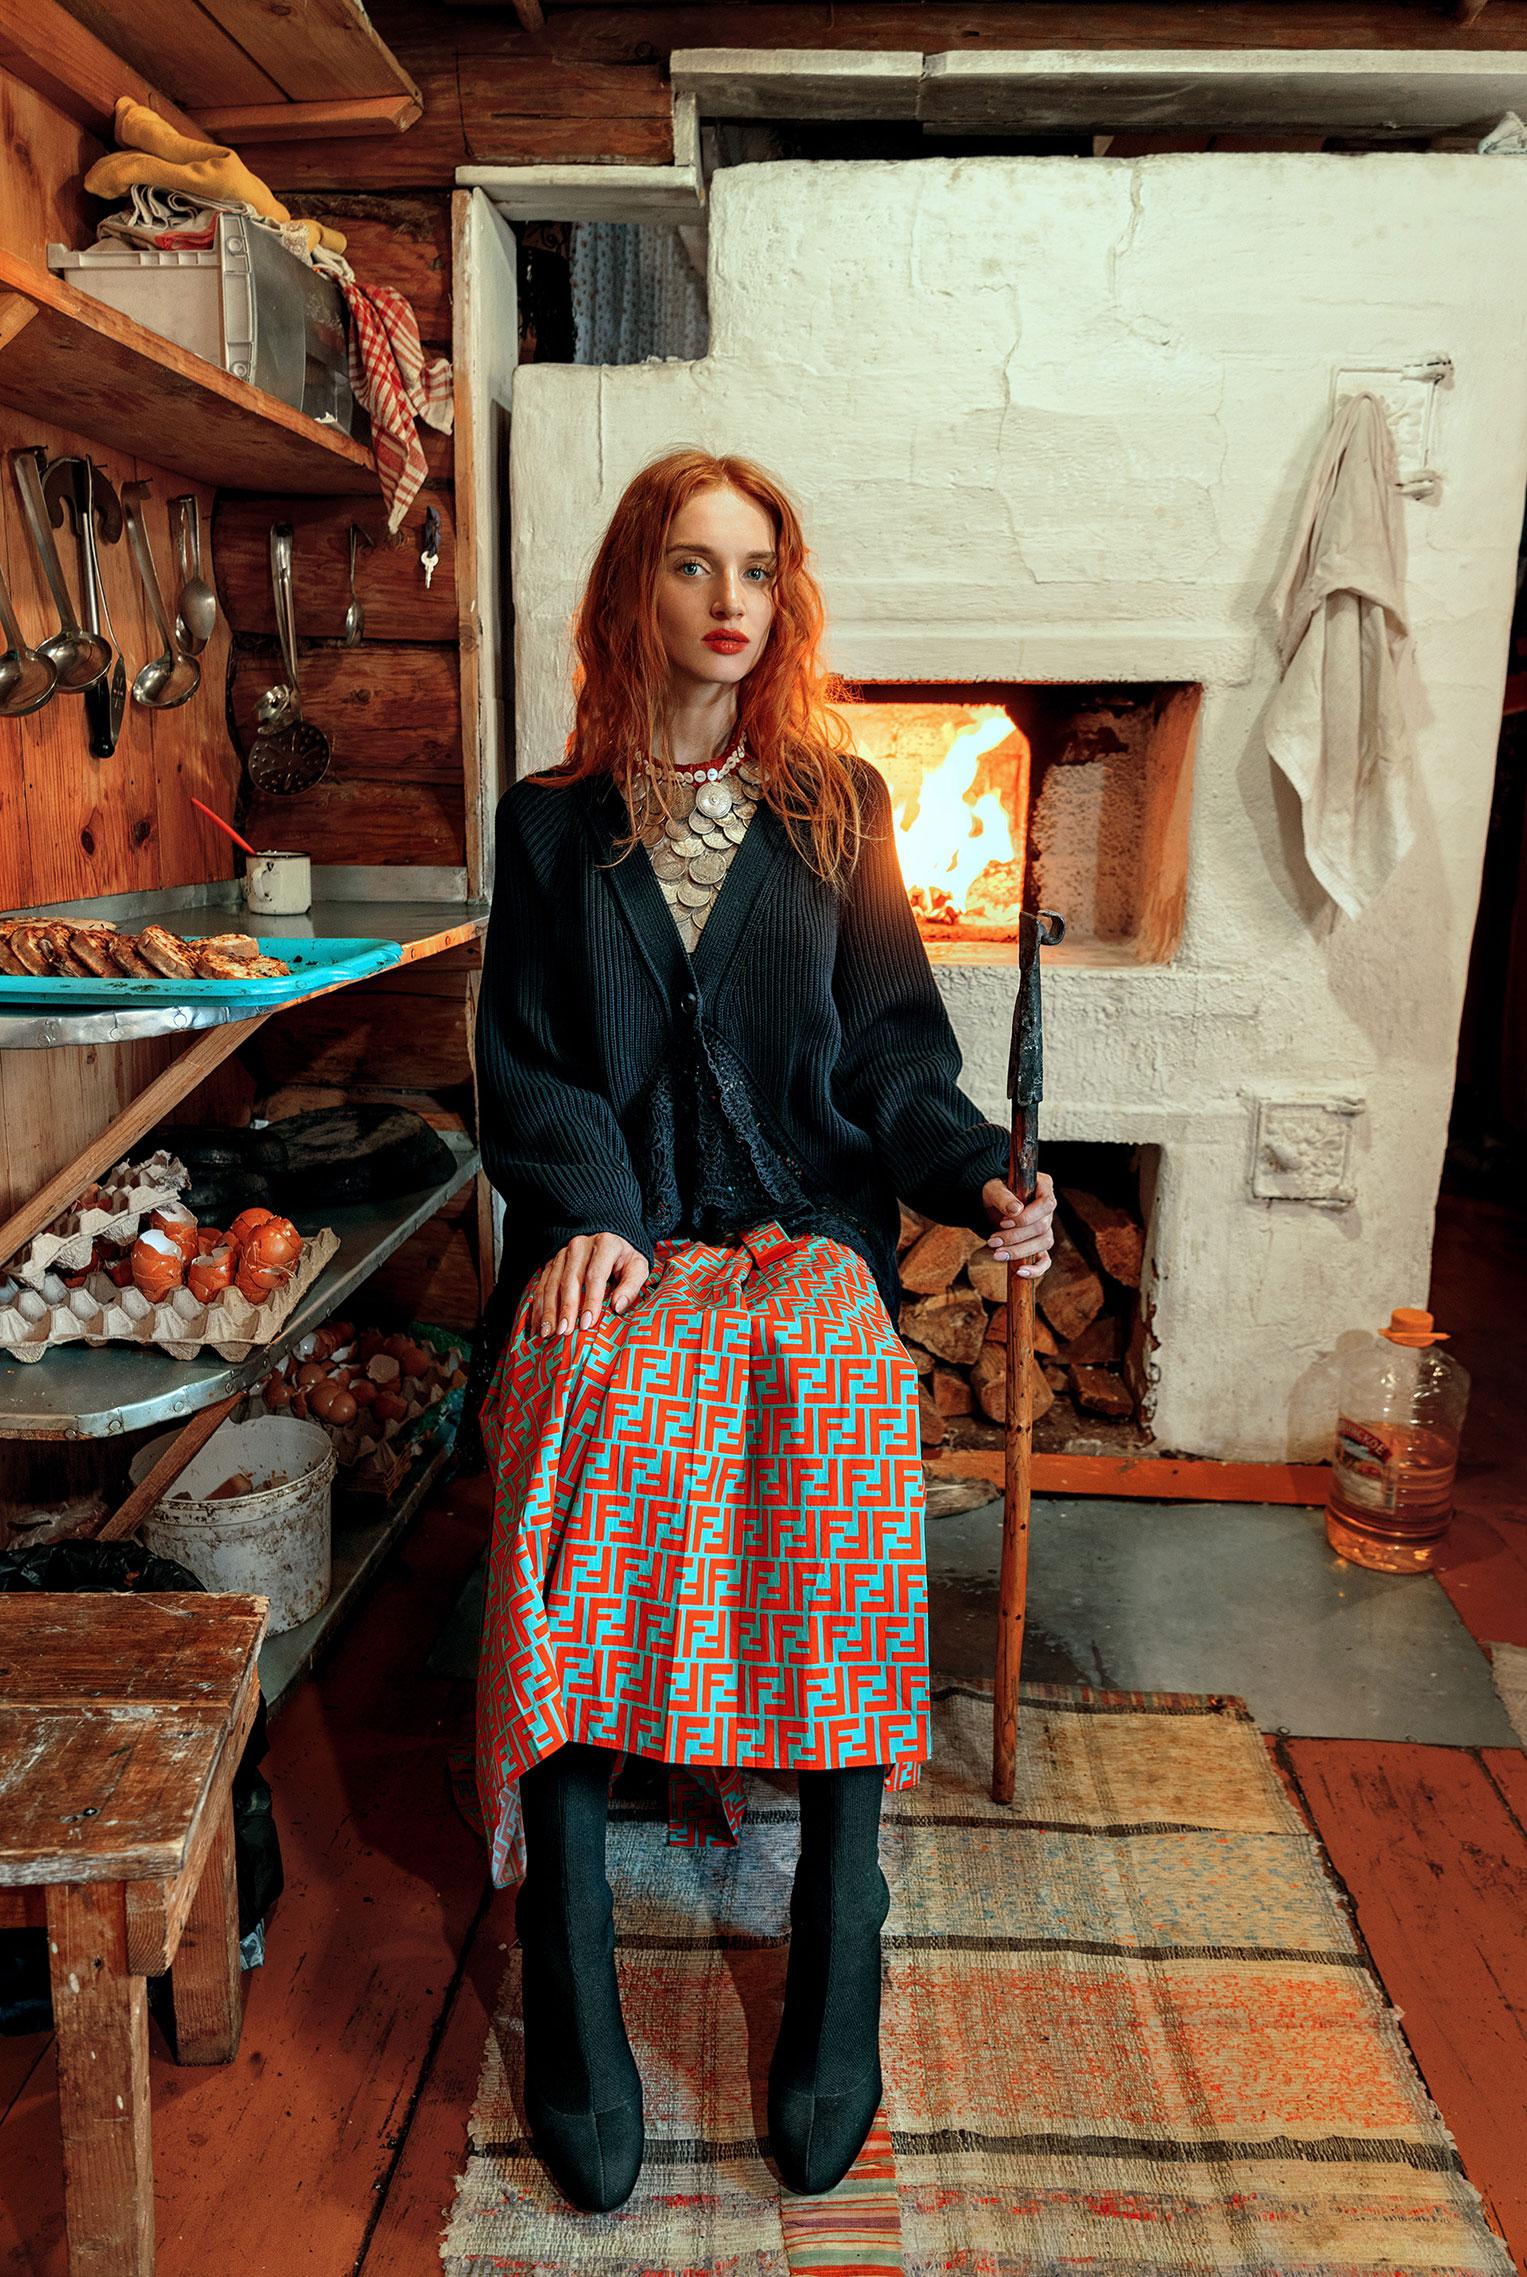 Модные наряды в деревенских интерьерах / фото 08